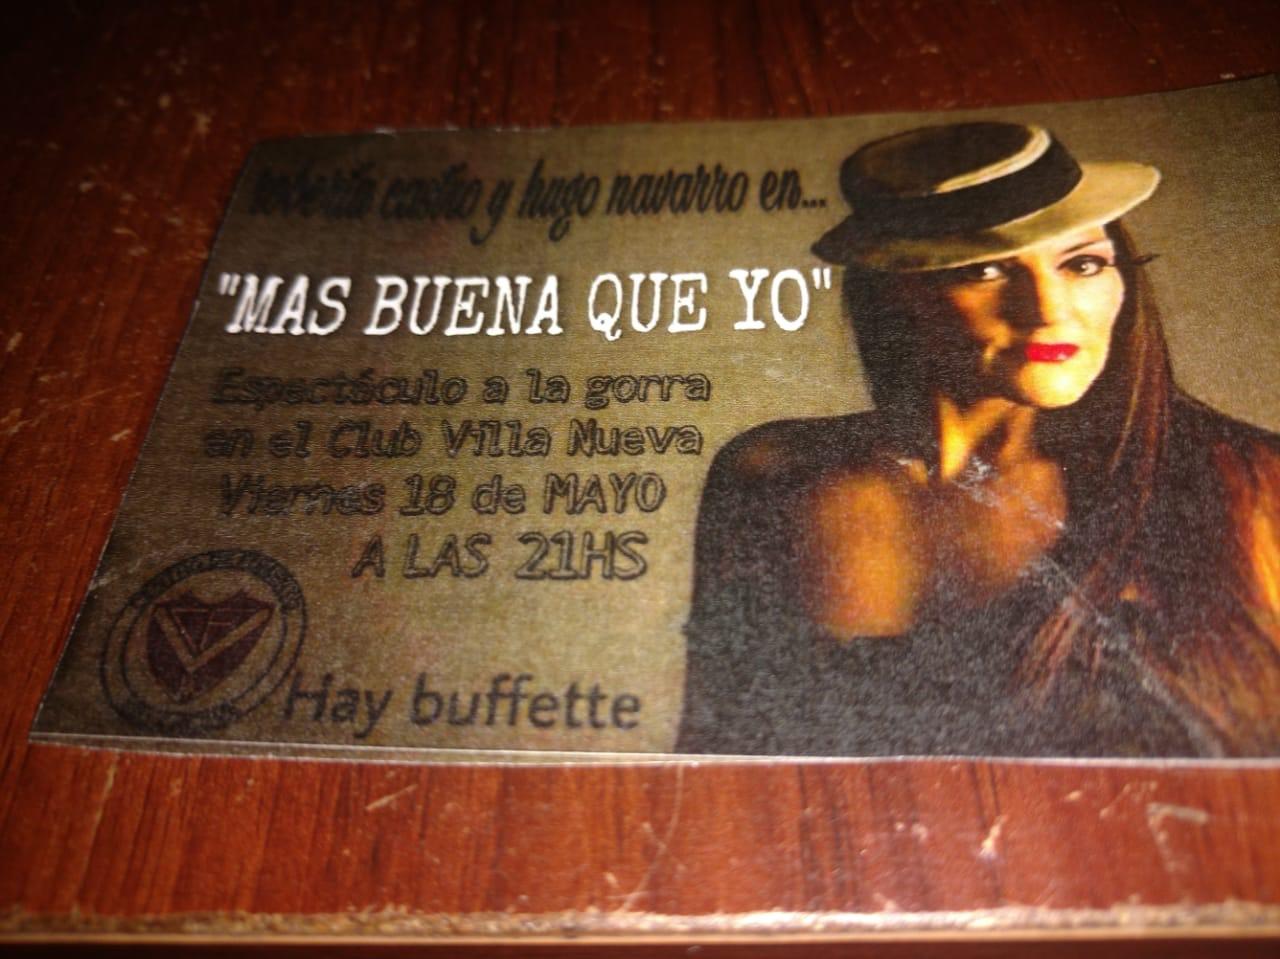 """Este viernes 18 de mayo, desde las 21 horas, se llevará a cabo el espectáculo de tango y humor """"Más buena que yo"""", en las instalaciones del Club Fomento de Villa Nueva, sito en calle 7 entre 144 y 145 de la ciudad de Berisso."""